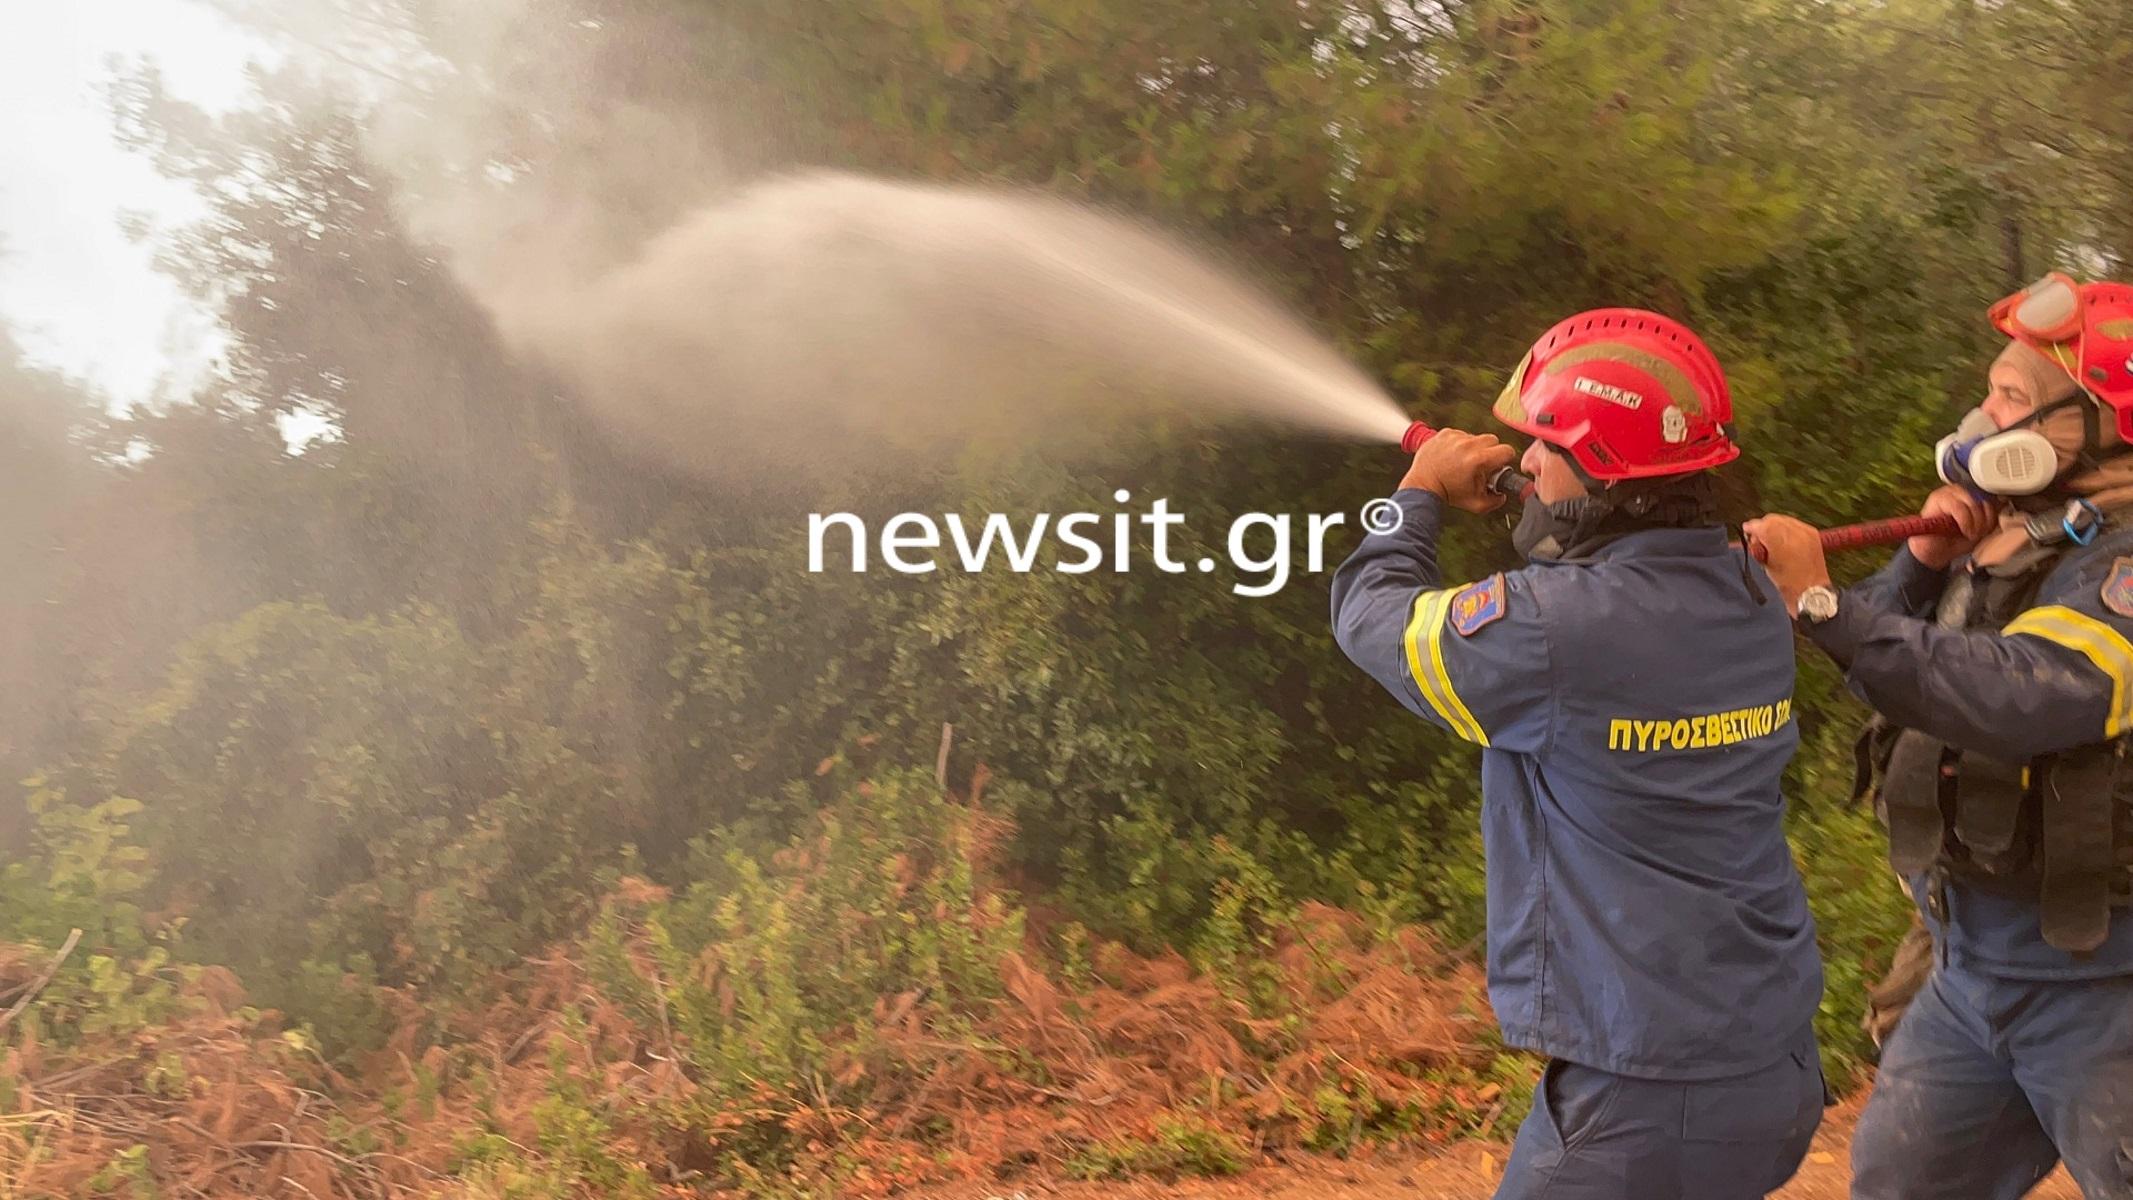 Φωτιά στην Εύβοια: Μάχη με τις αναζωπυρώσεις